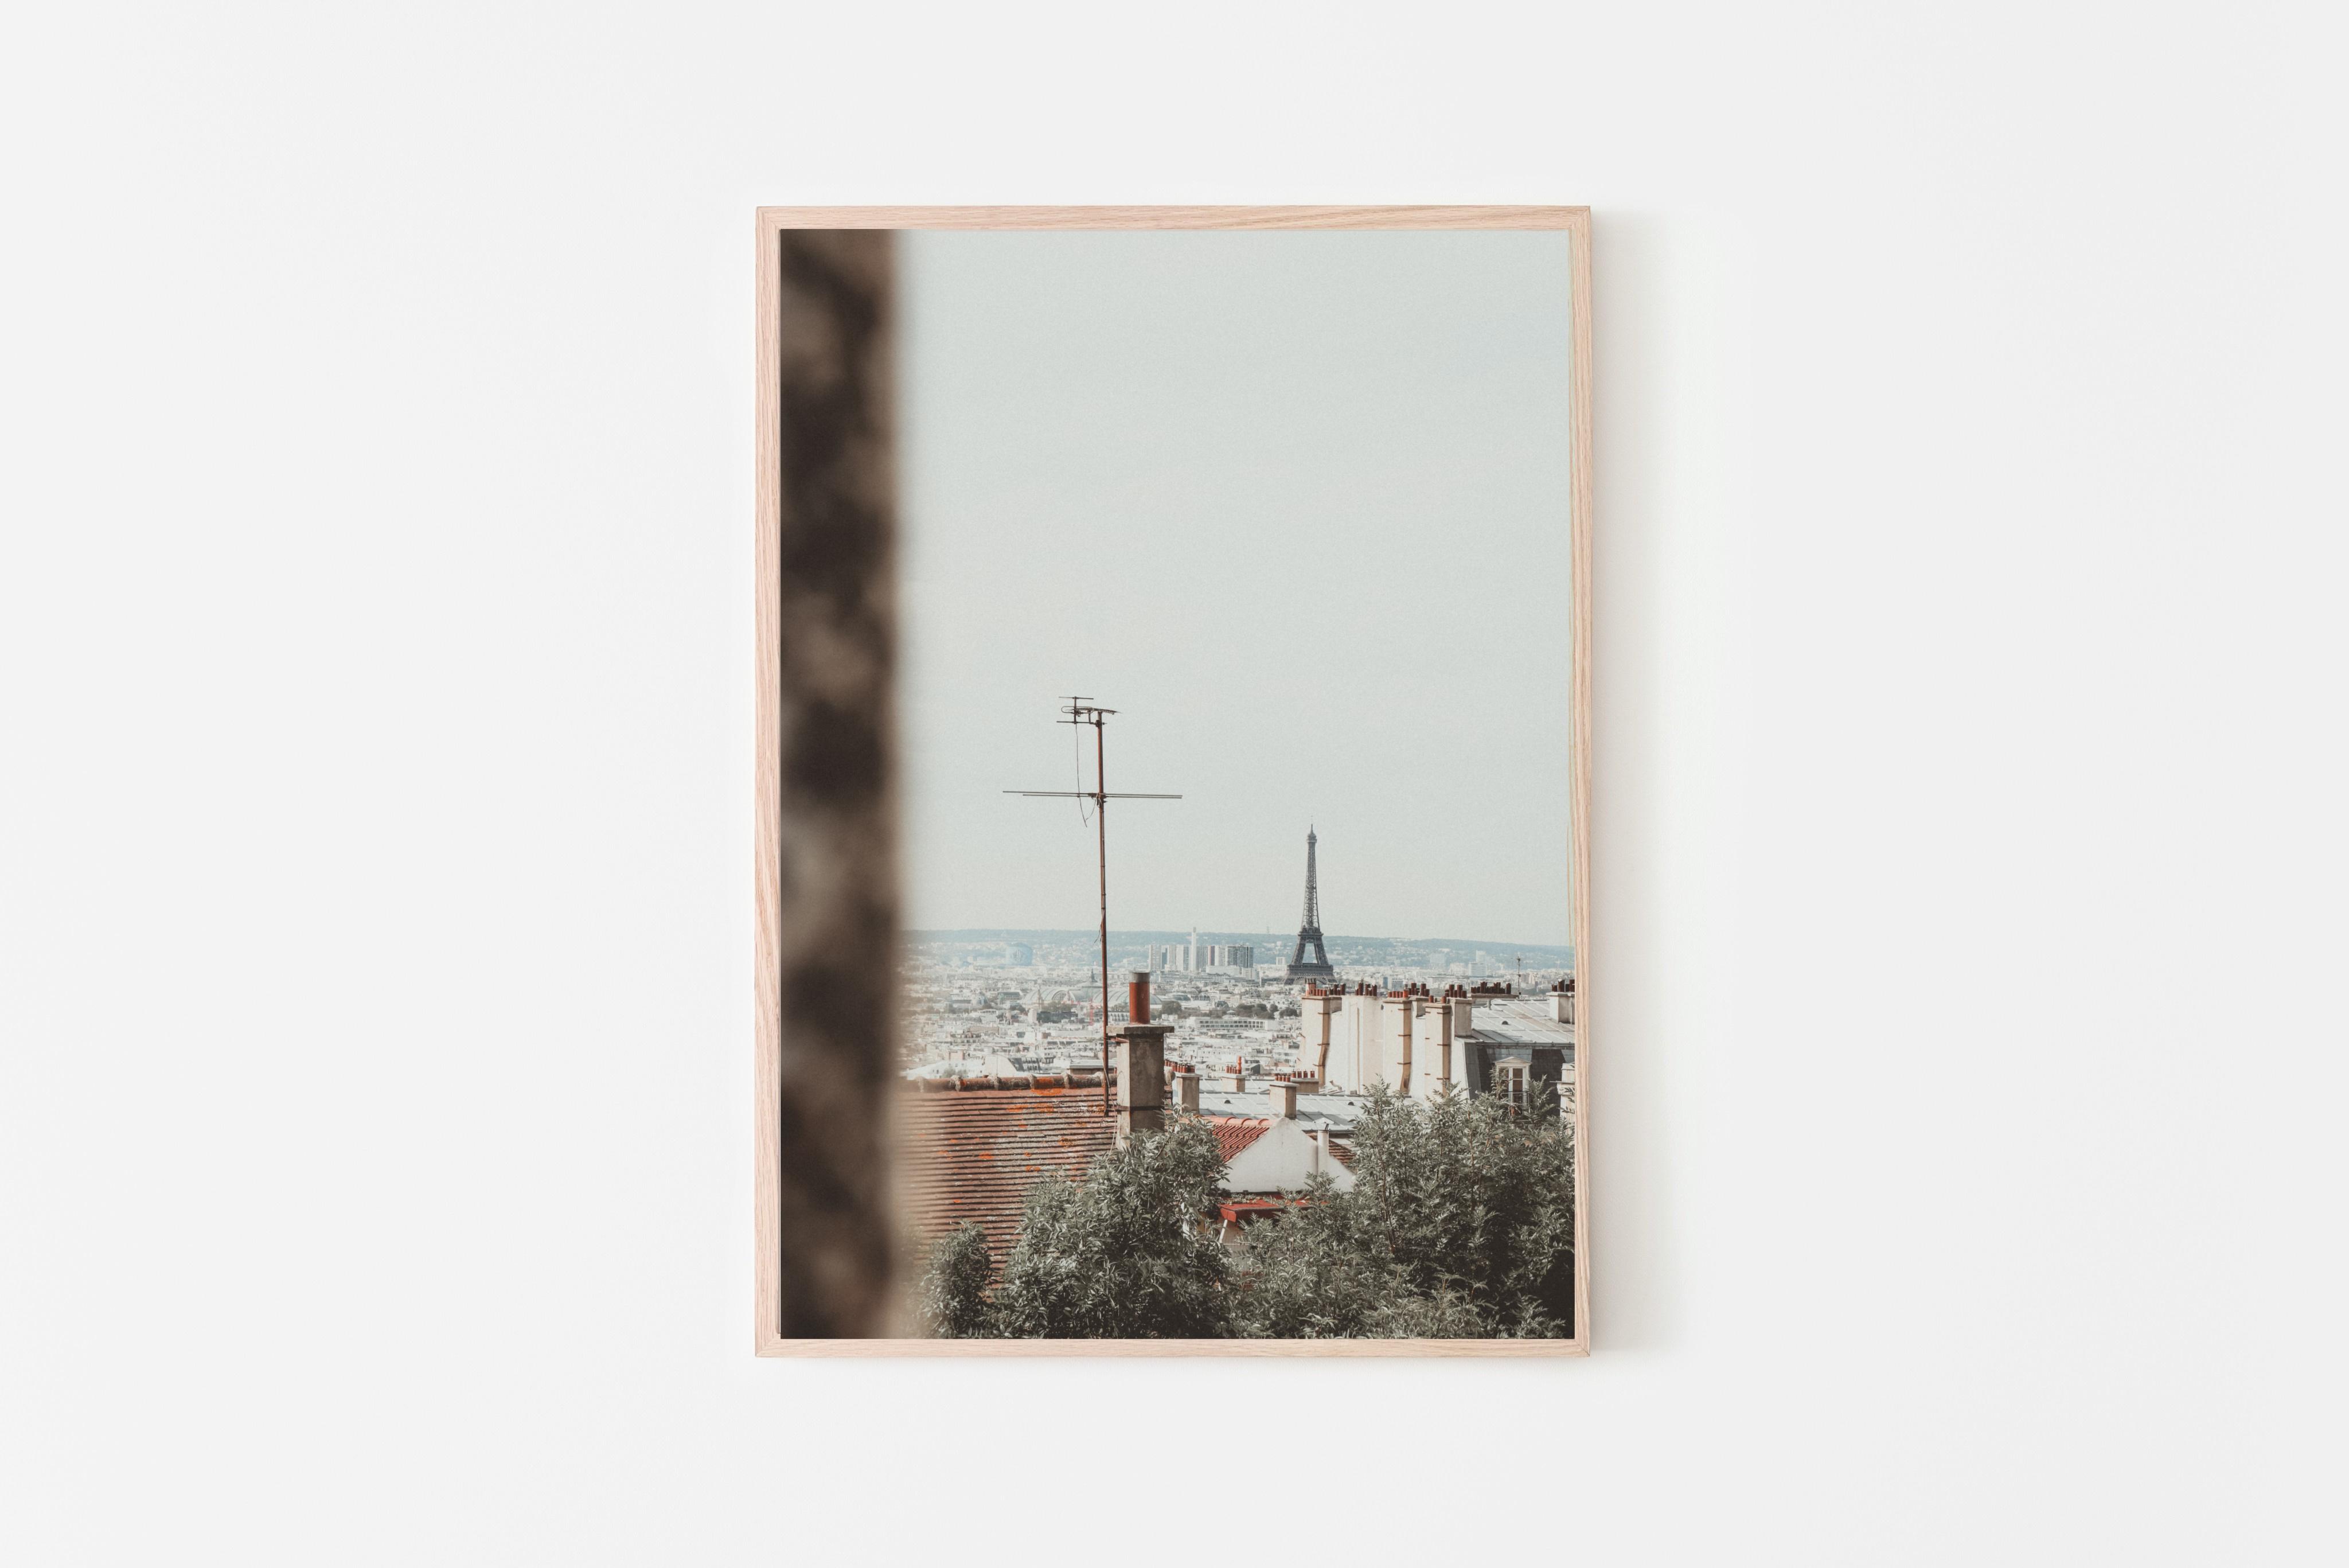 צילום של קו הרקיע של פריז תמונה לסלון